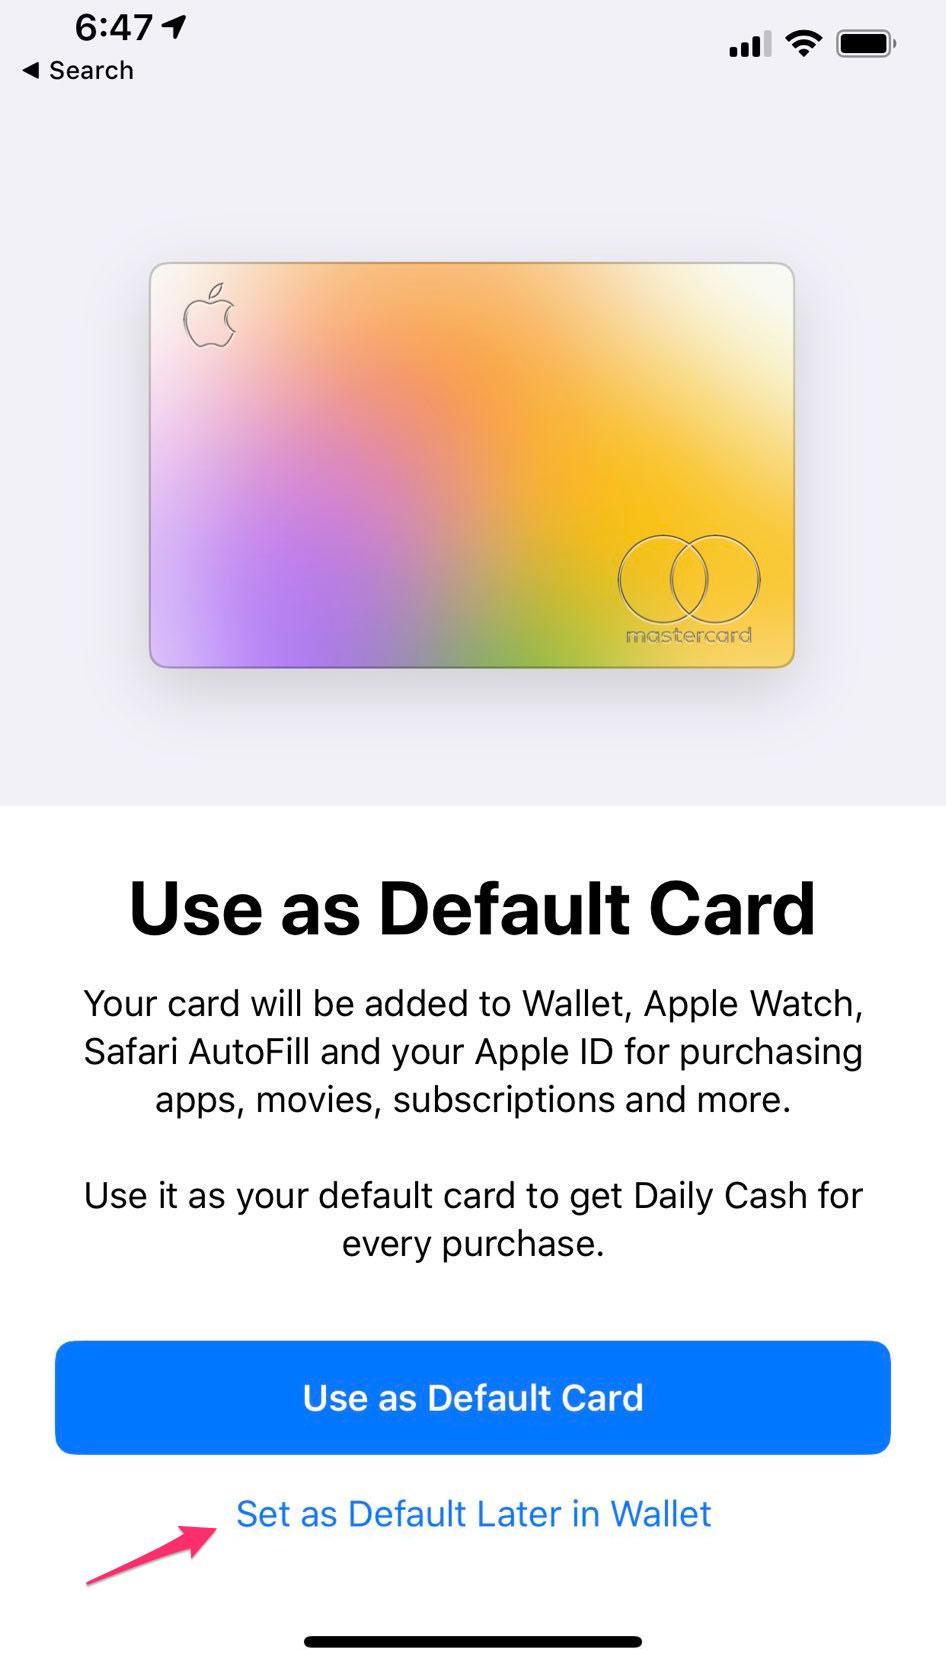 Pregunta sobre la configuración por defecto de la Apple Card